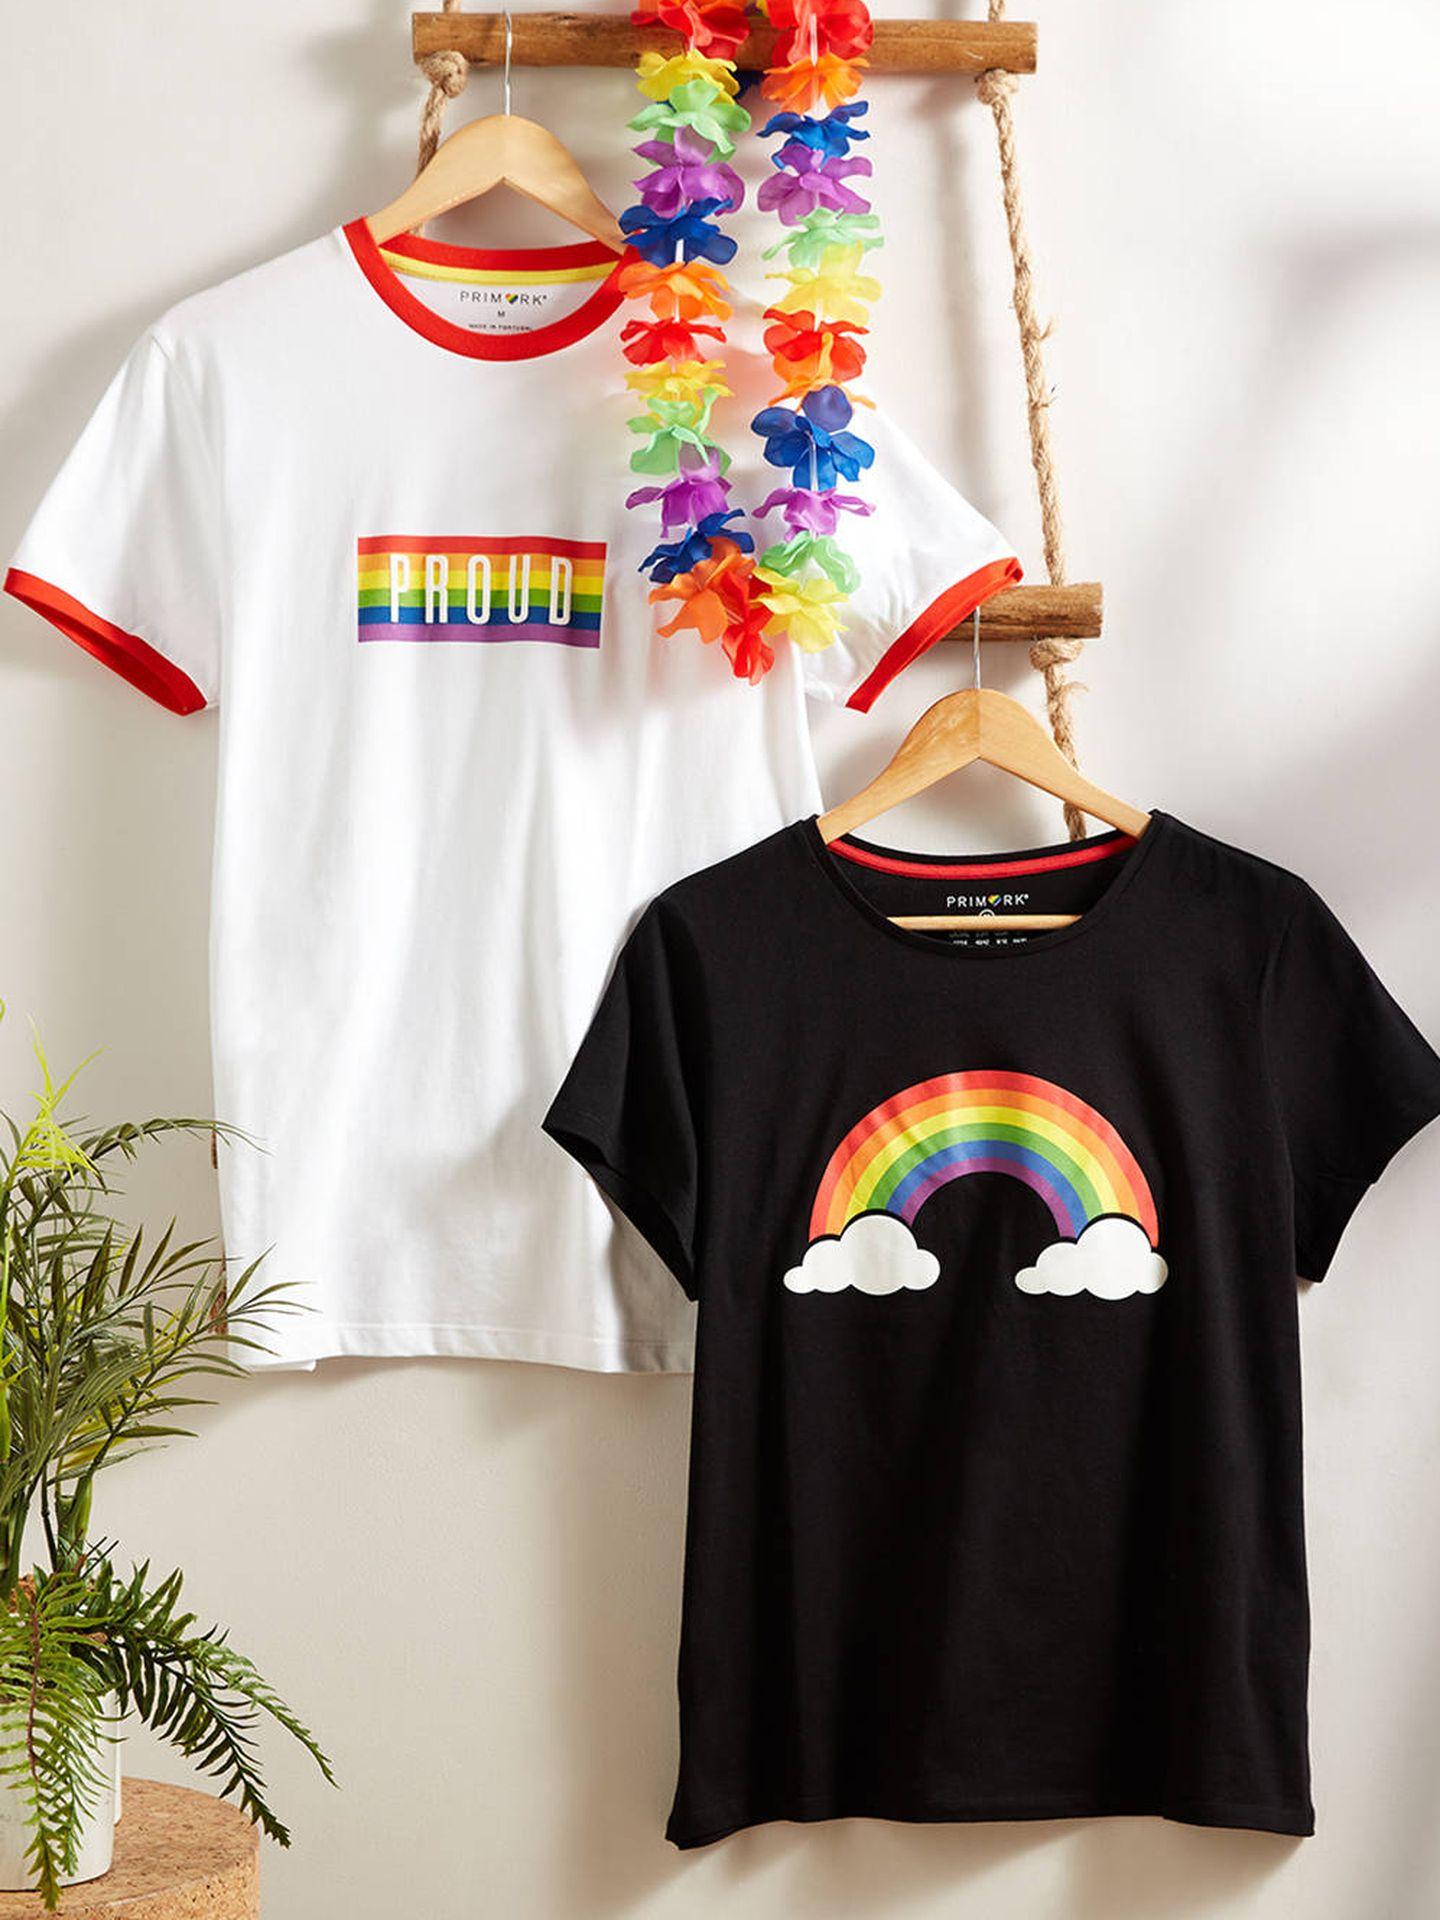 Camisetas de la colección 'Feeling Proud' de Primark.